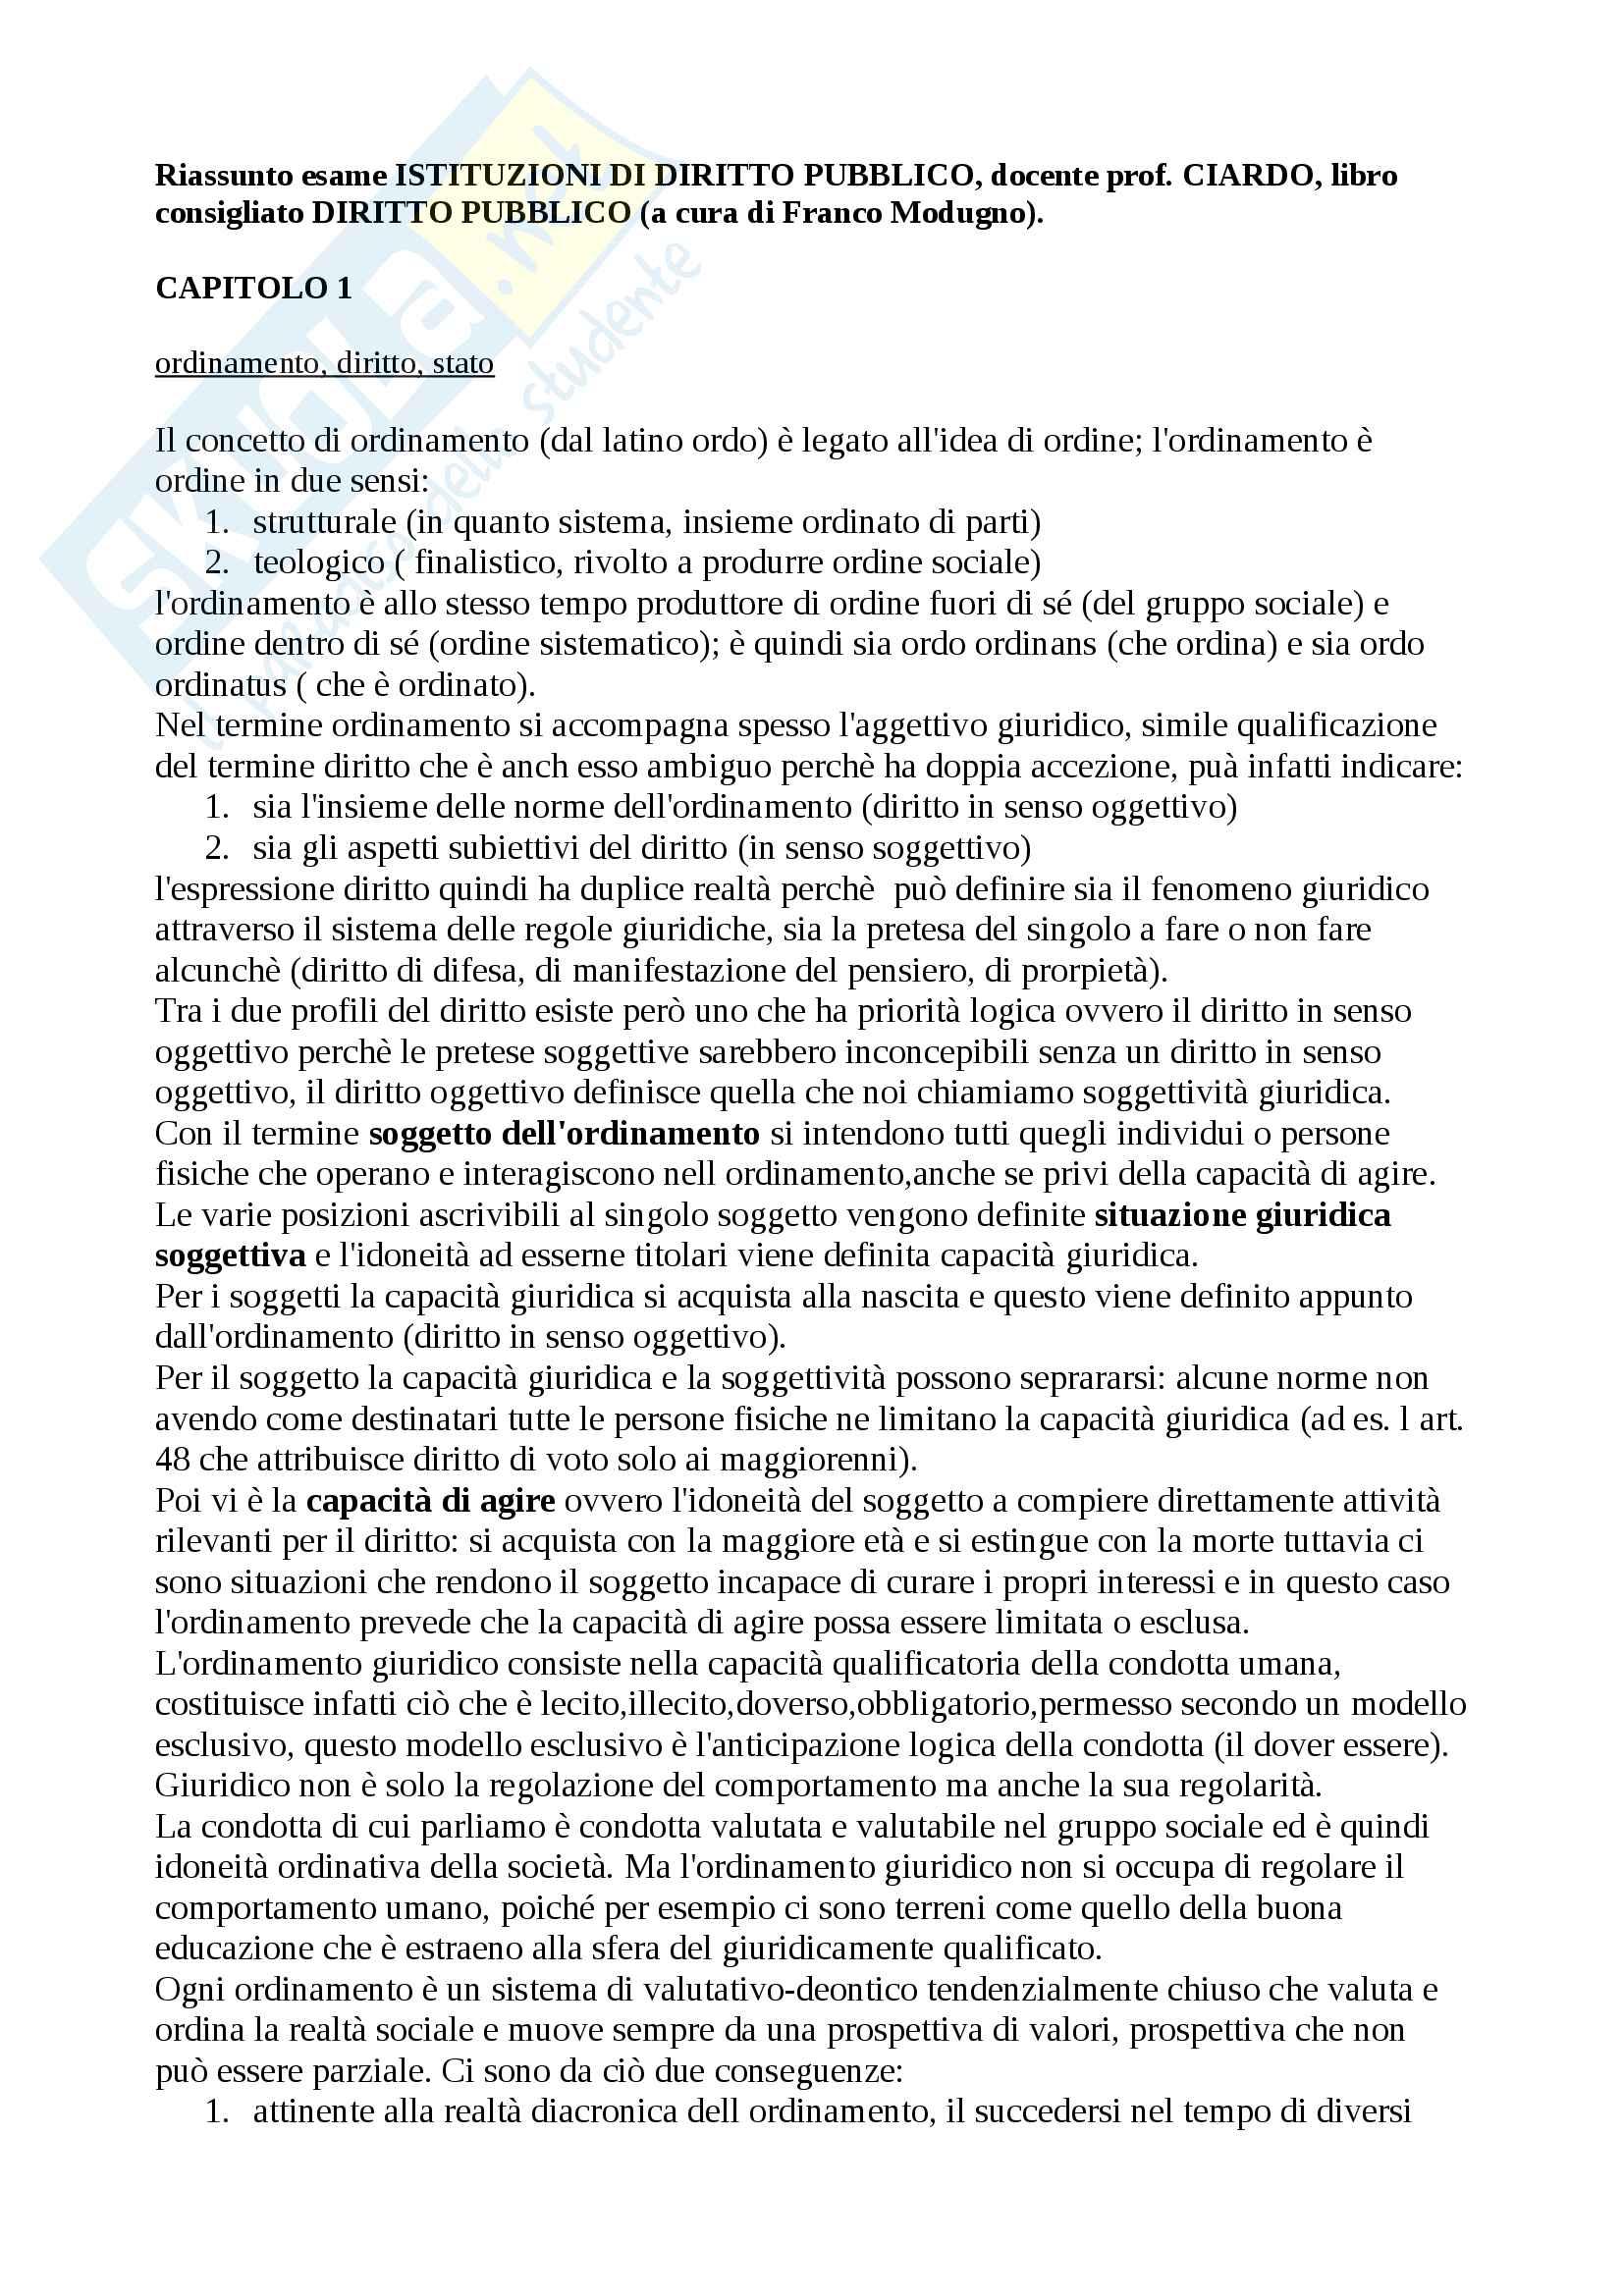 Riassunto esame Istituzioni di diritto pubblico, prof. Ciardo, libro consigliato Diritto pubblico a cura di Franco Modugno